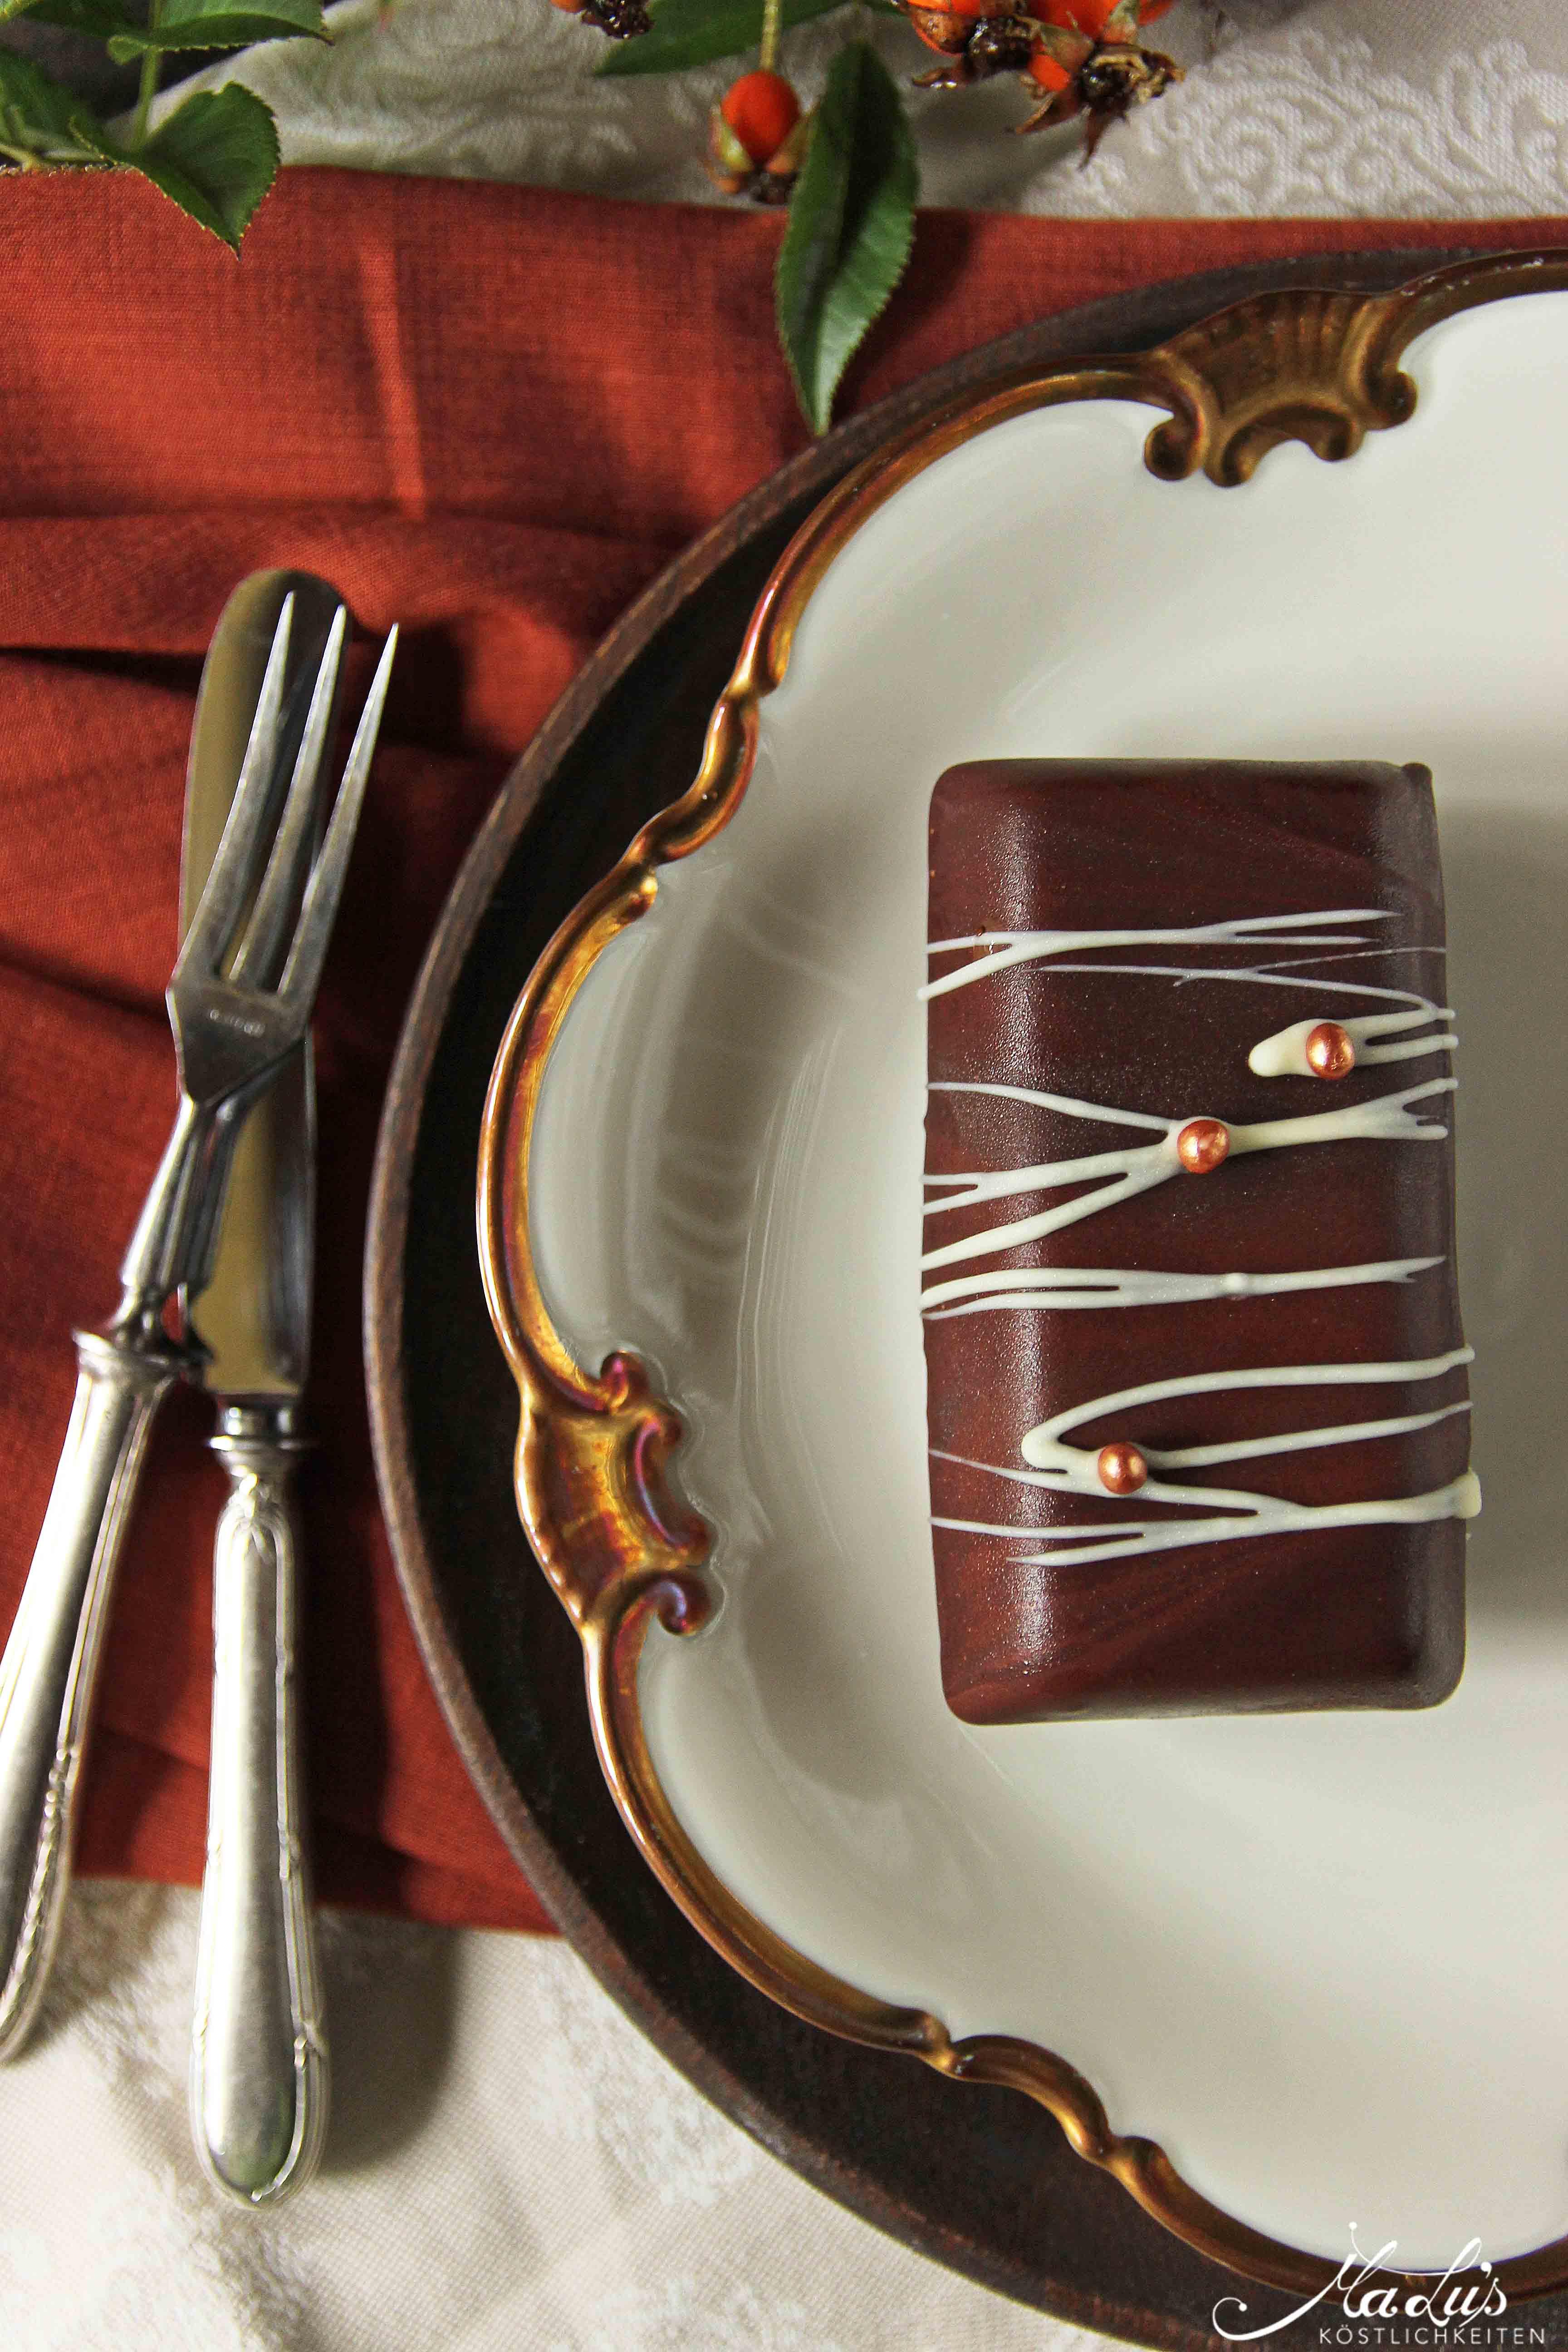 Schokoladen Financiers - Tout chocolat